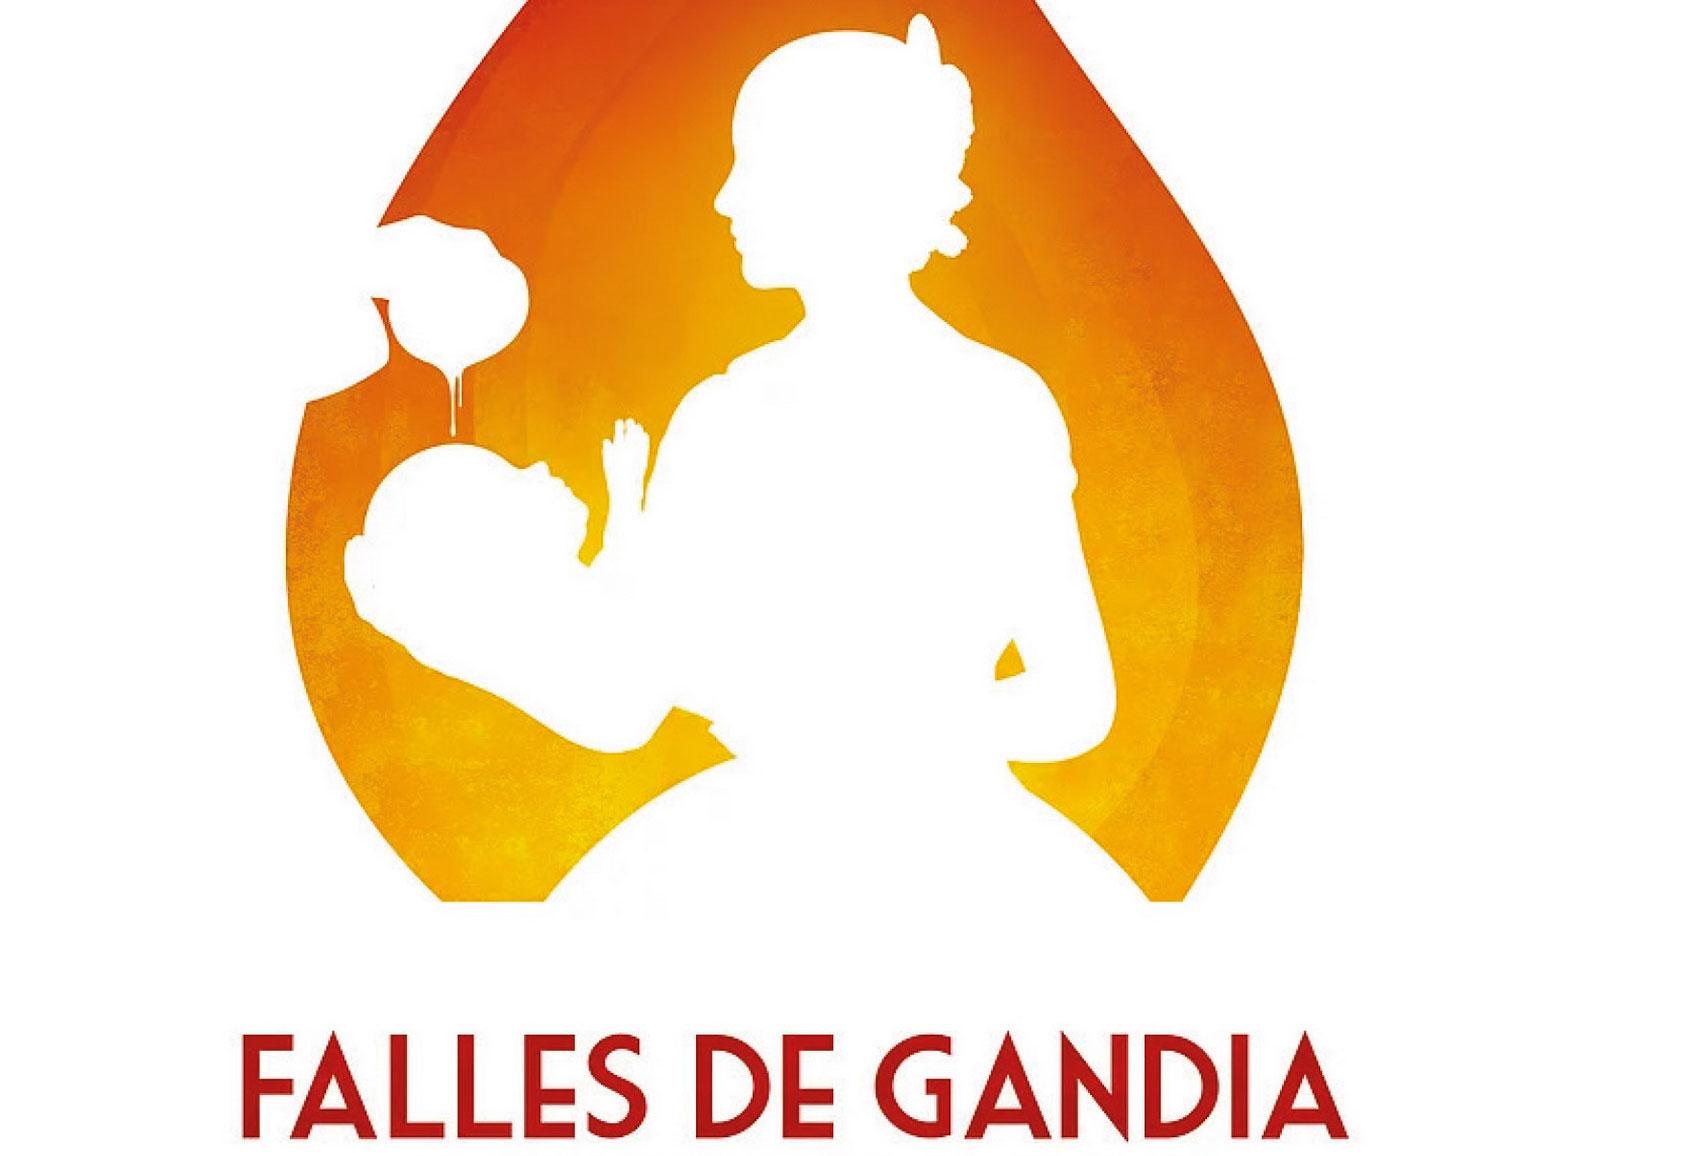 Cartel fallas de la agenda de ocio en Gandia marzo 2019